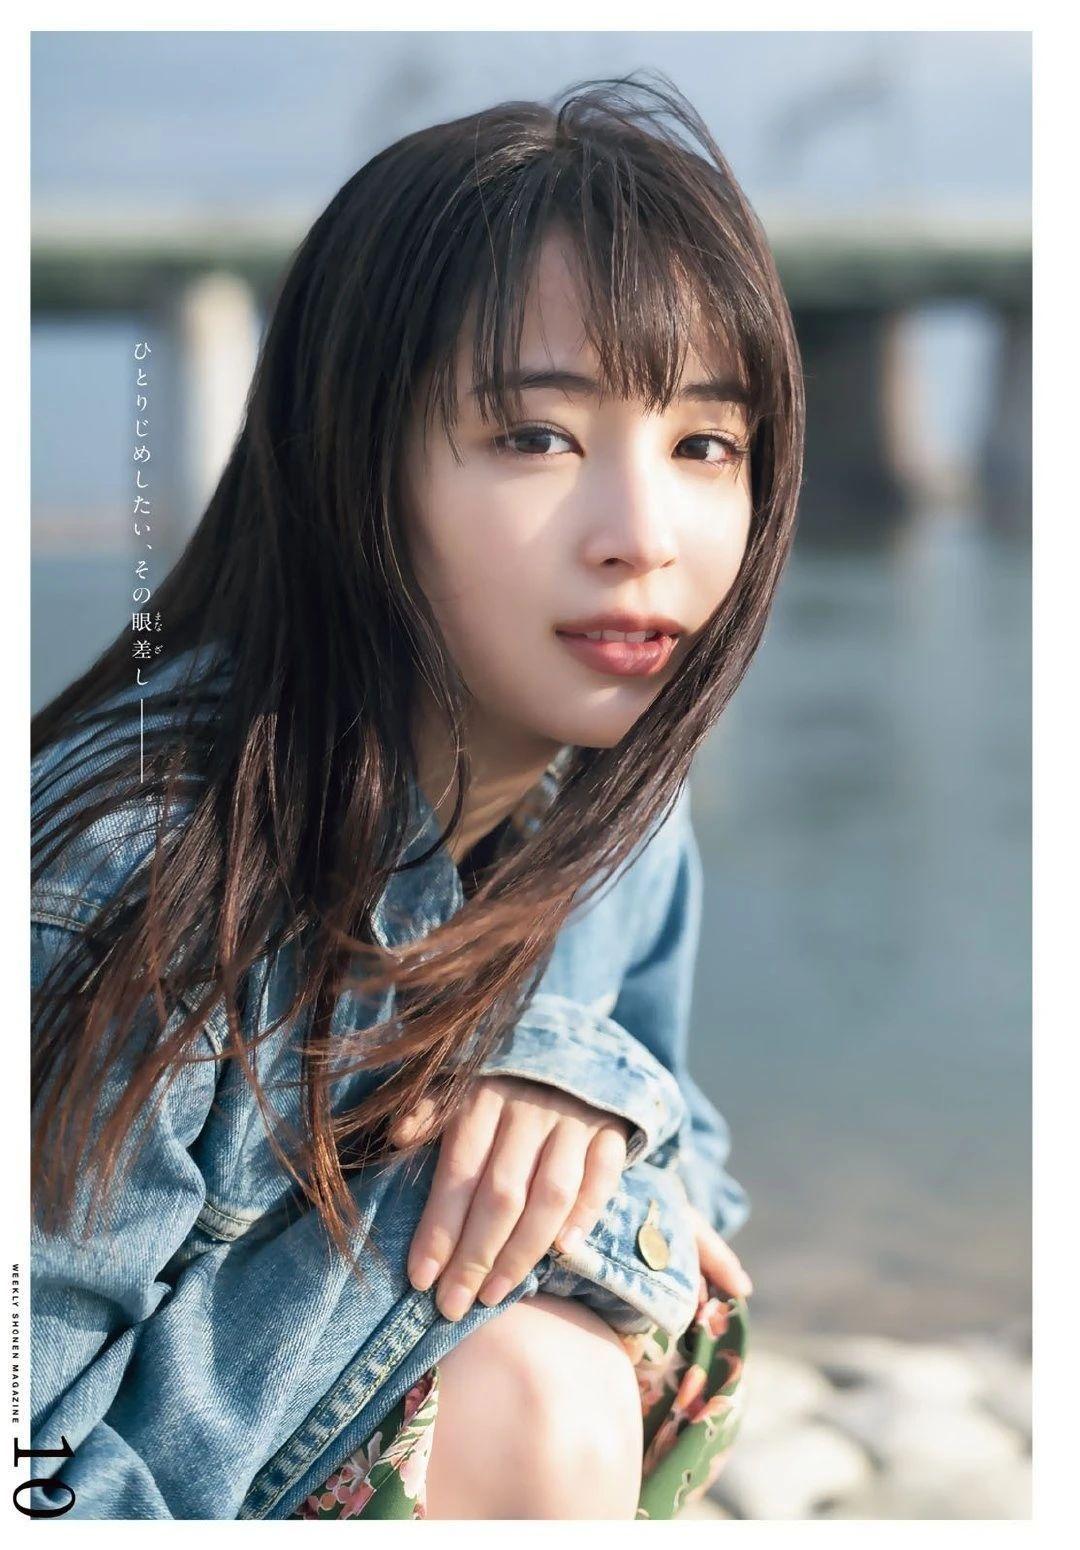 20神颜美少女却黑历史比较多的广濑丝丝写真作品 (44)